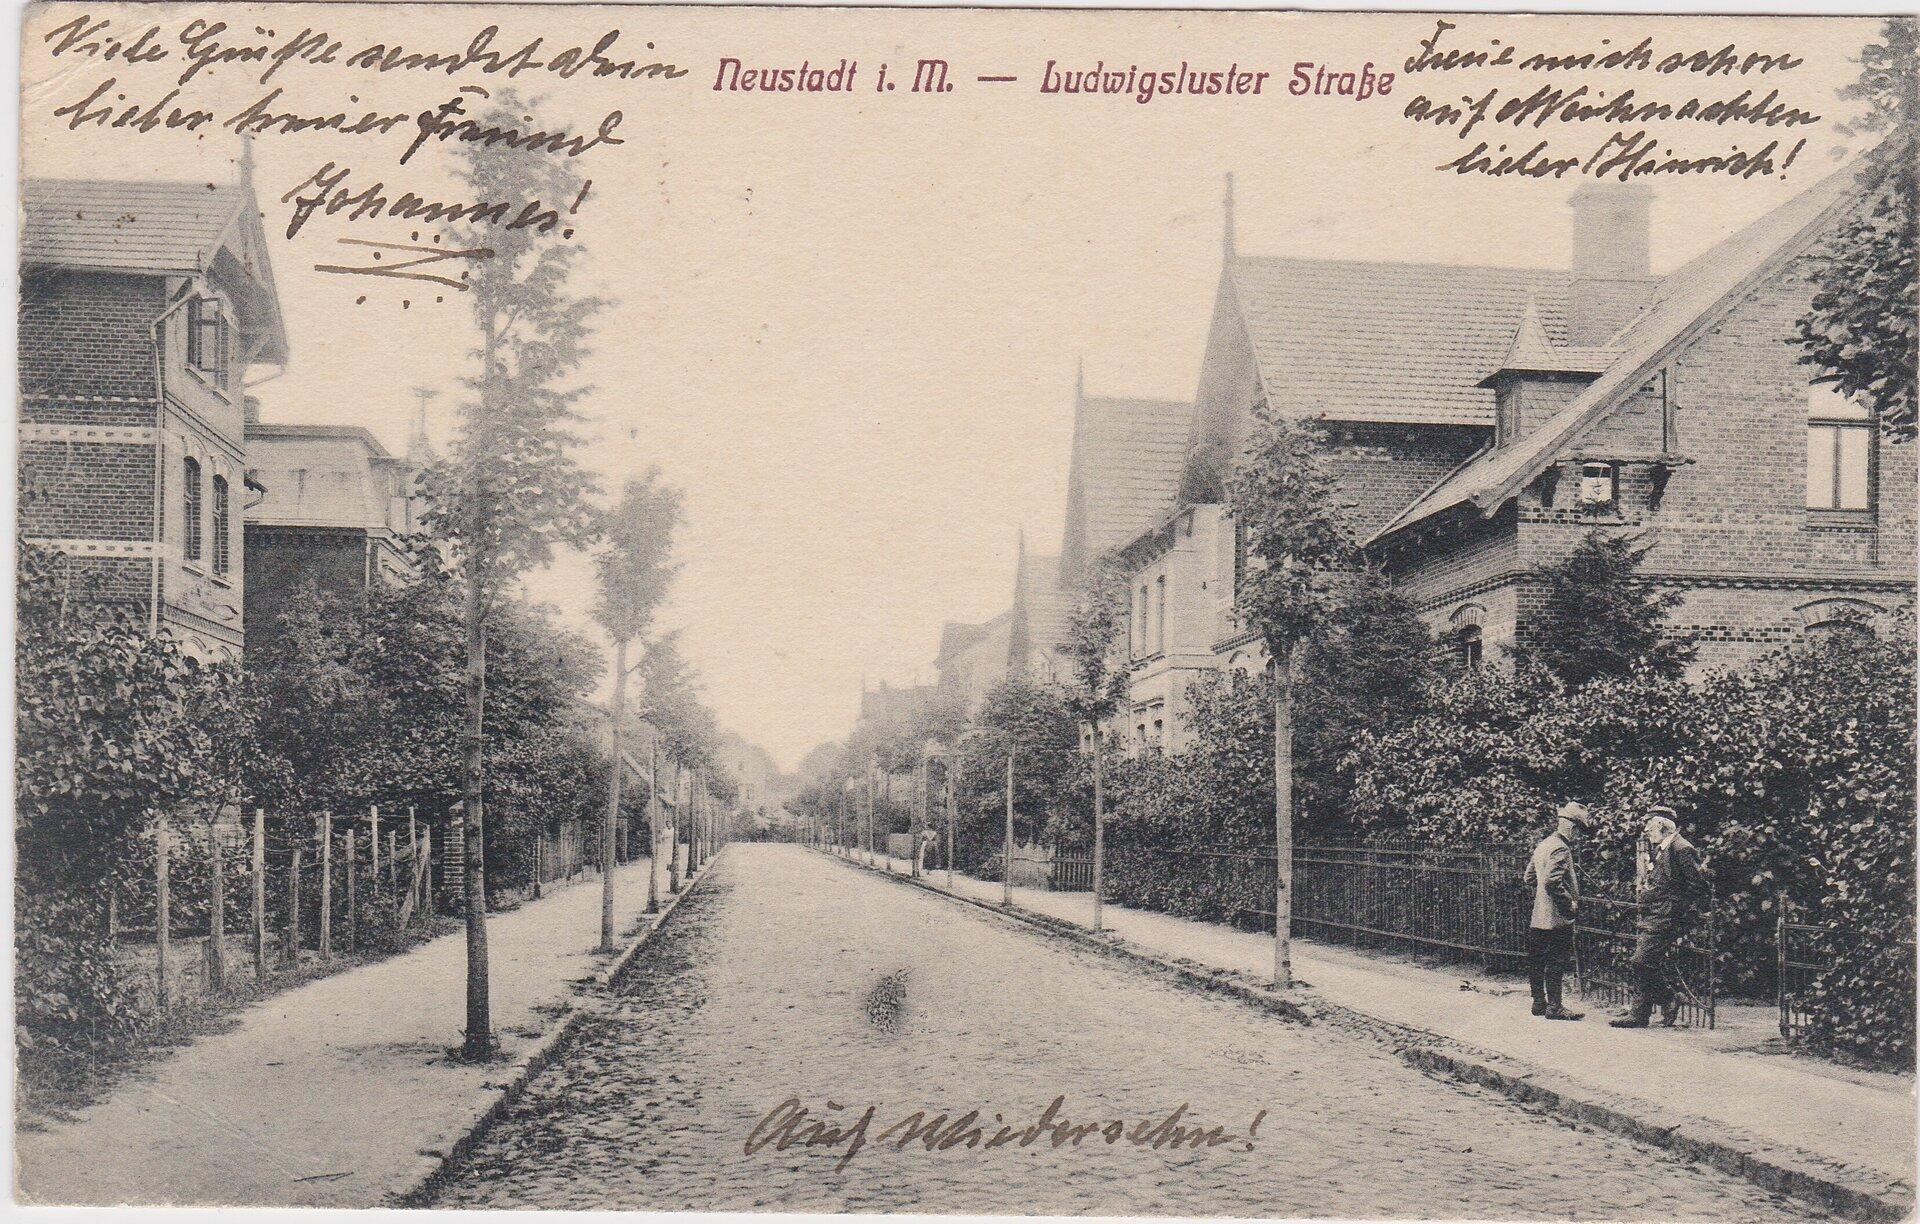 Ludwigsluster Strasse, Blick in Richtung Innenstadt (heutiger Kreisverkehr)